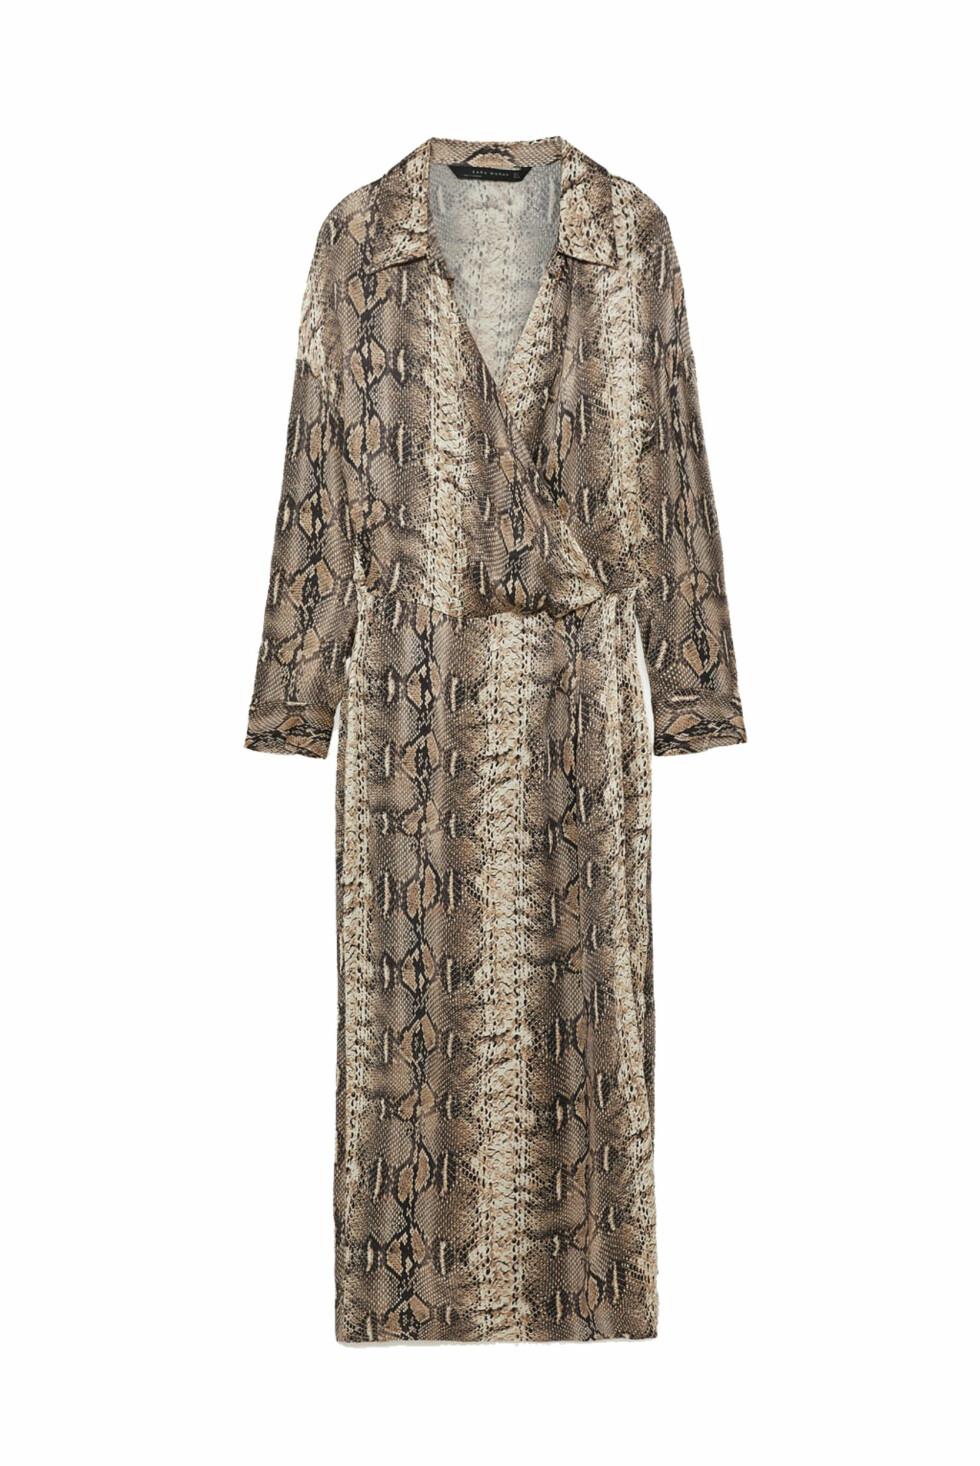 Kjole fra Zara |799,-|https://www.zara.com/no/no/skjortekjole-med-slangeskinnsm%C3%B8nster-p07932659.html?v1=7404614&v2=1074635